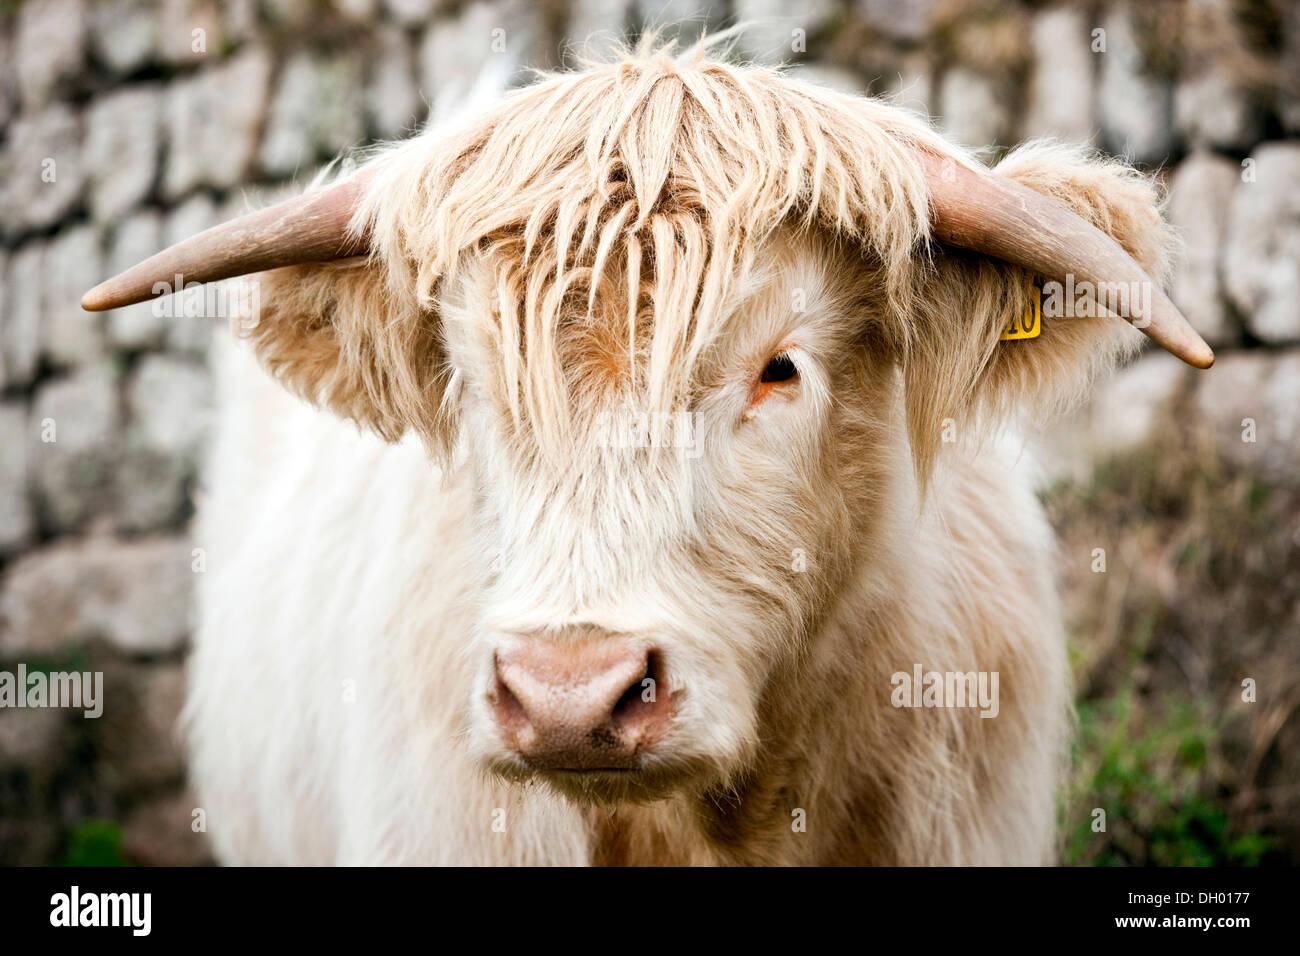 Highland scozzesi Bovini, torello, mixed-breed, Cornwall, England, Regno Unito Immagini Stock